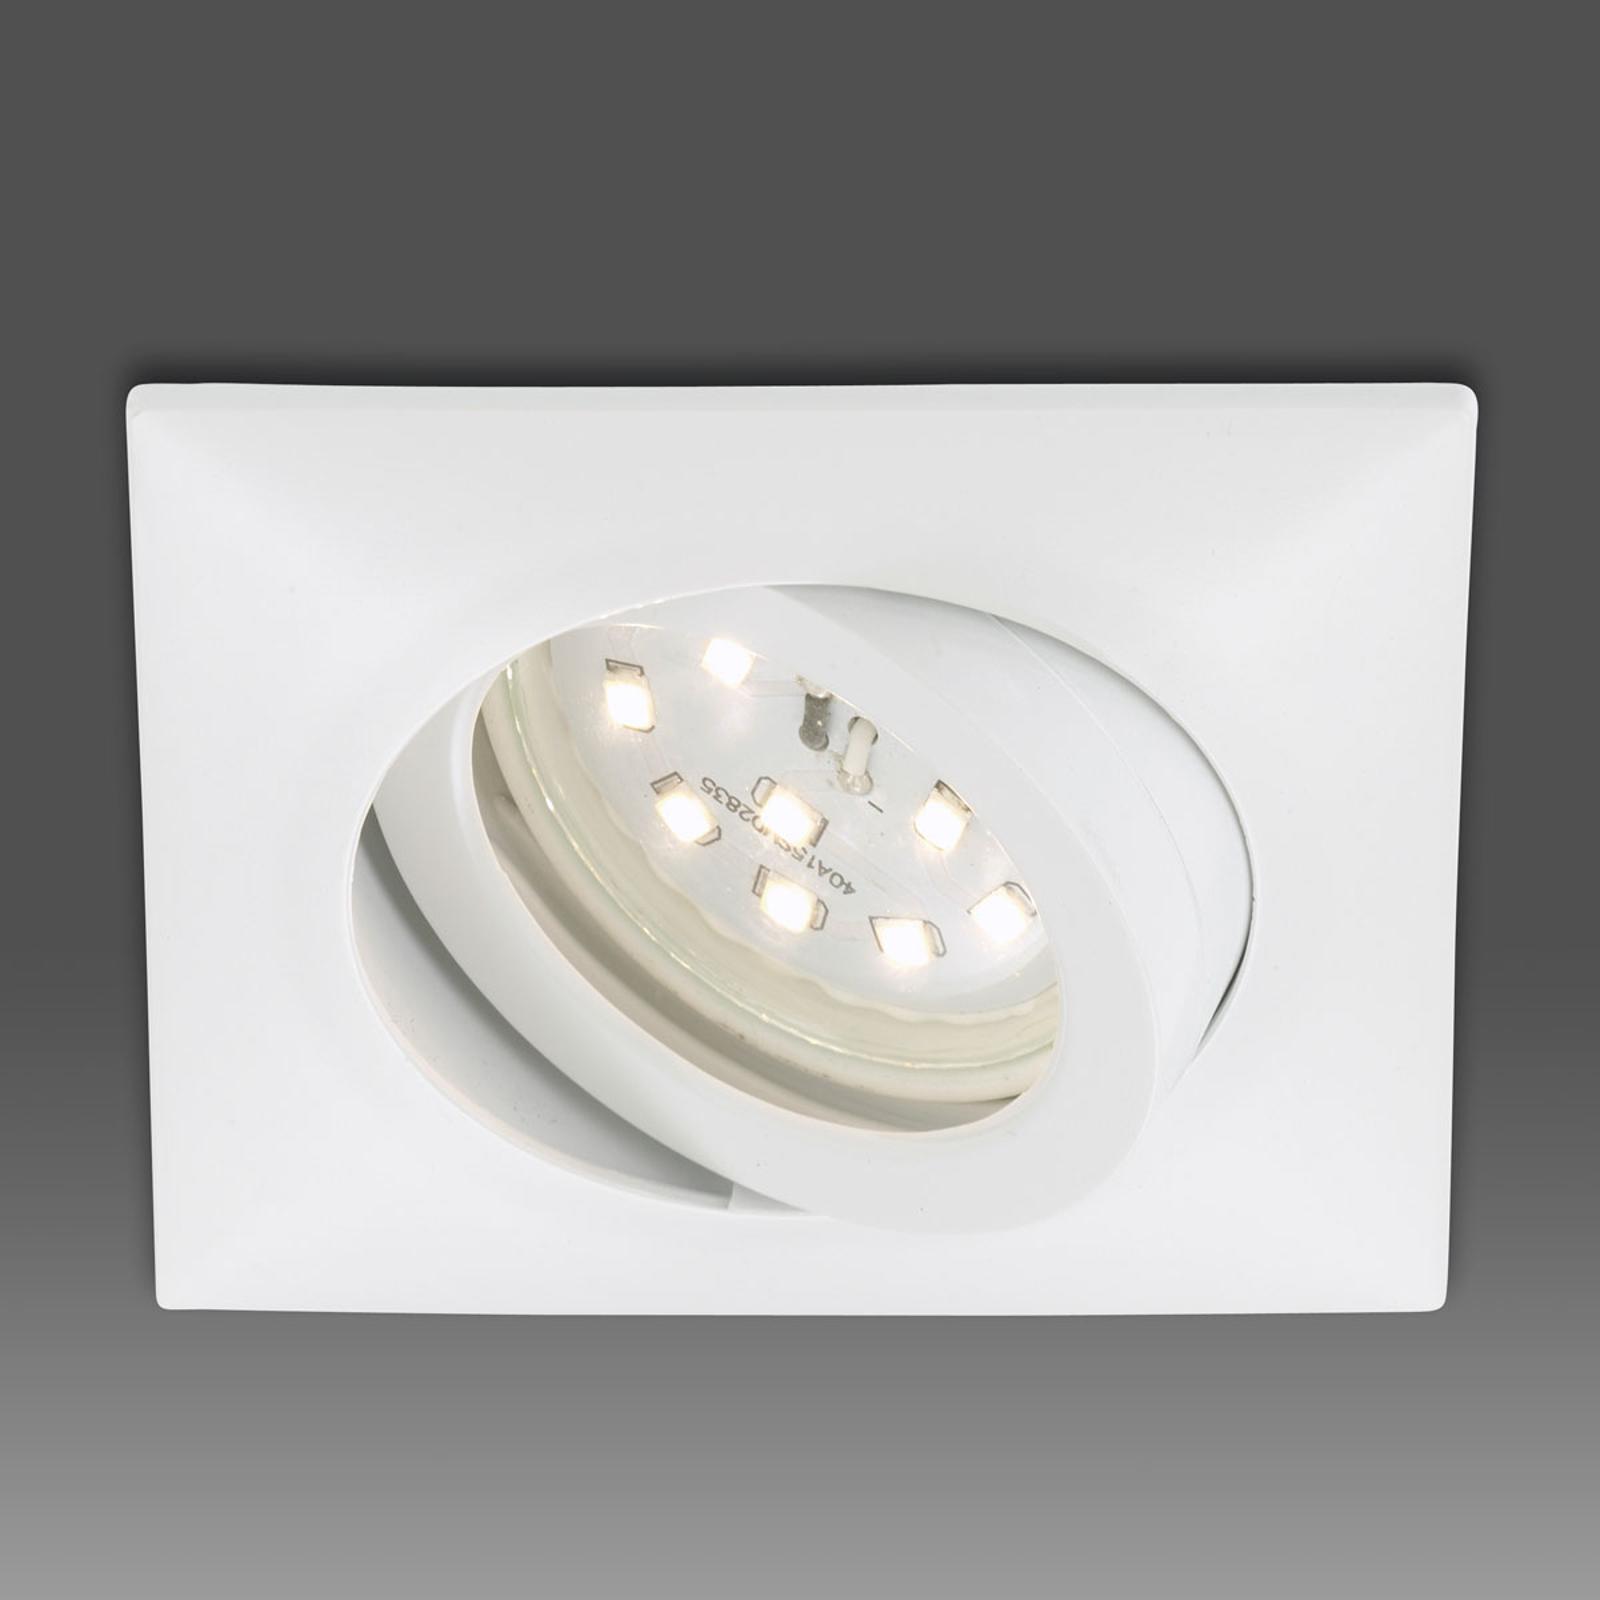 LED-inbyggnadsspot Erik vit kantig